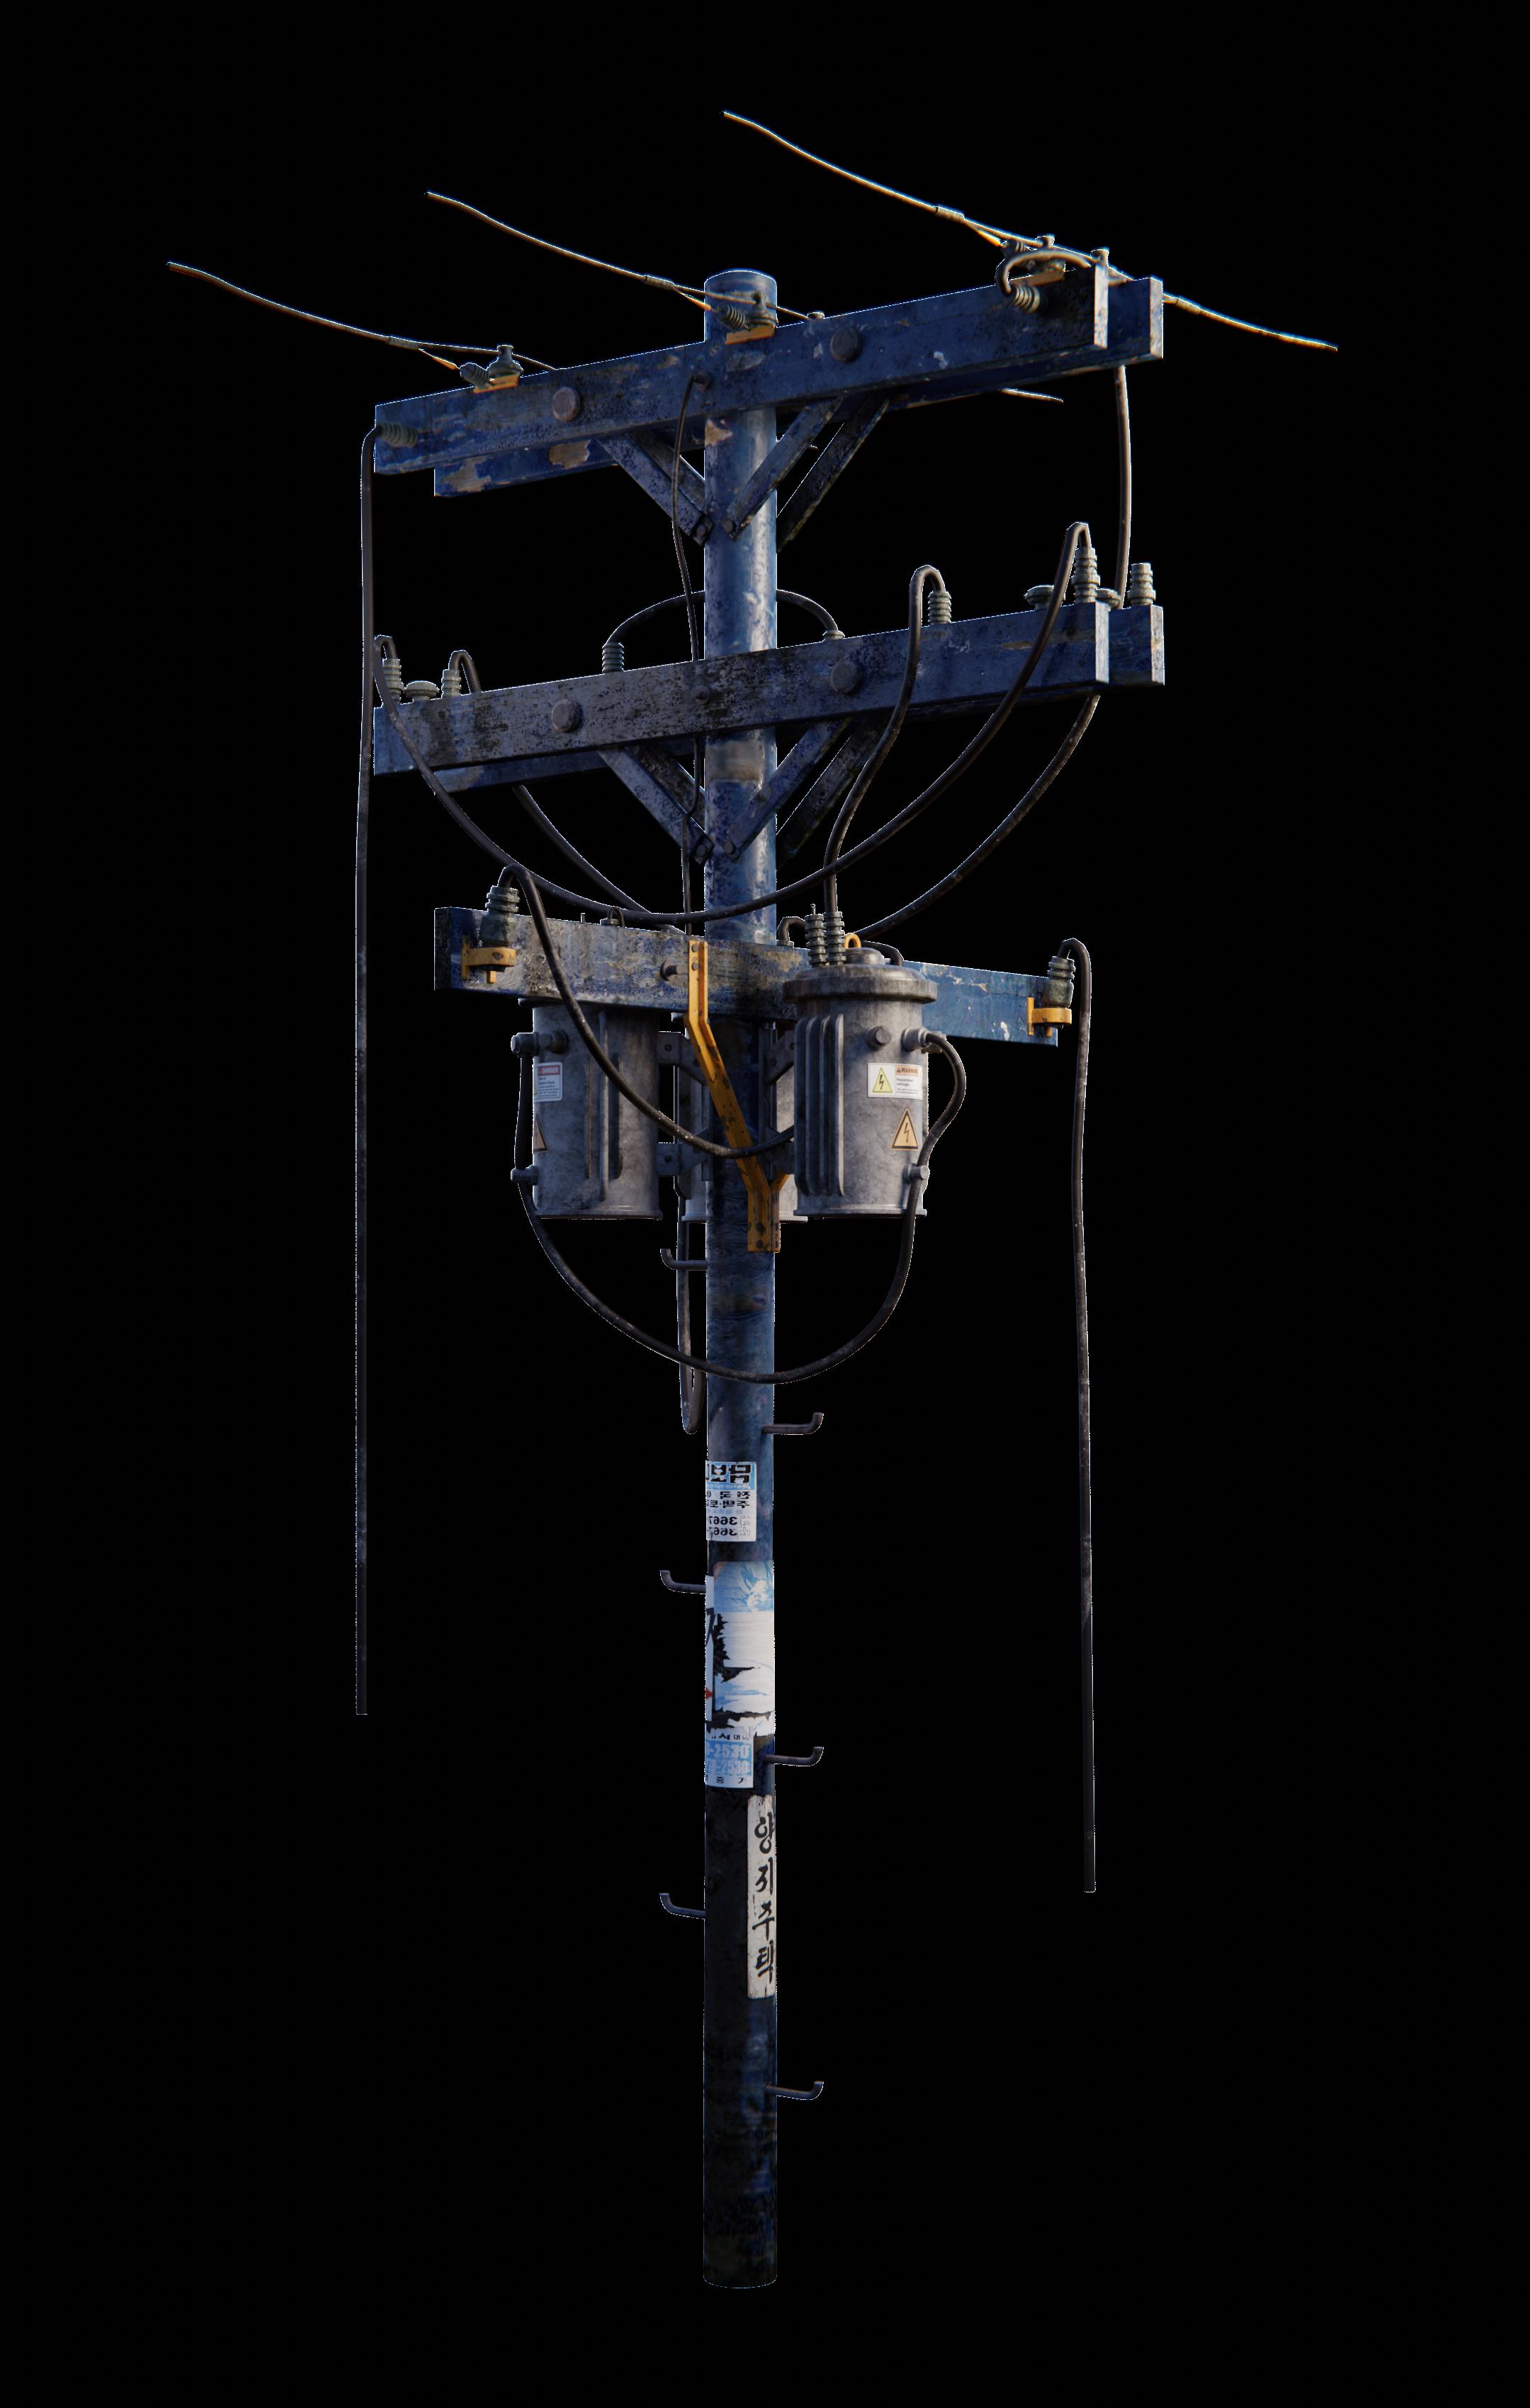 Utility Pole Utility Pole Telephone Best Build